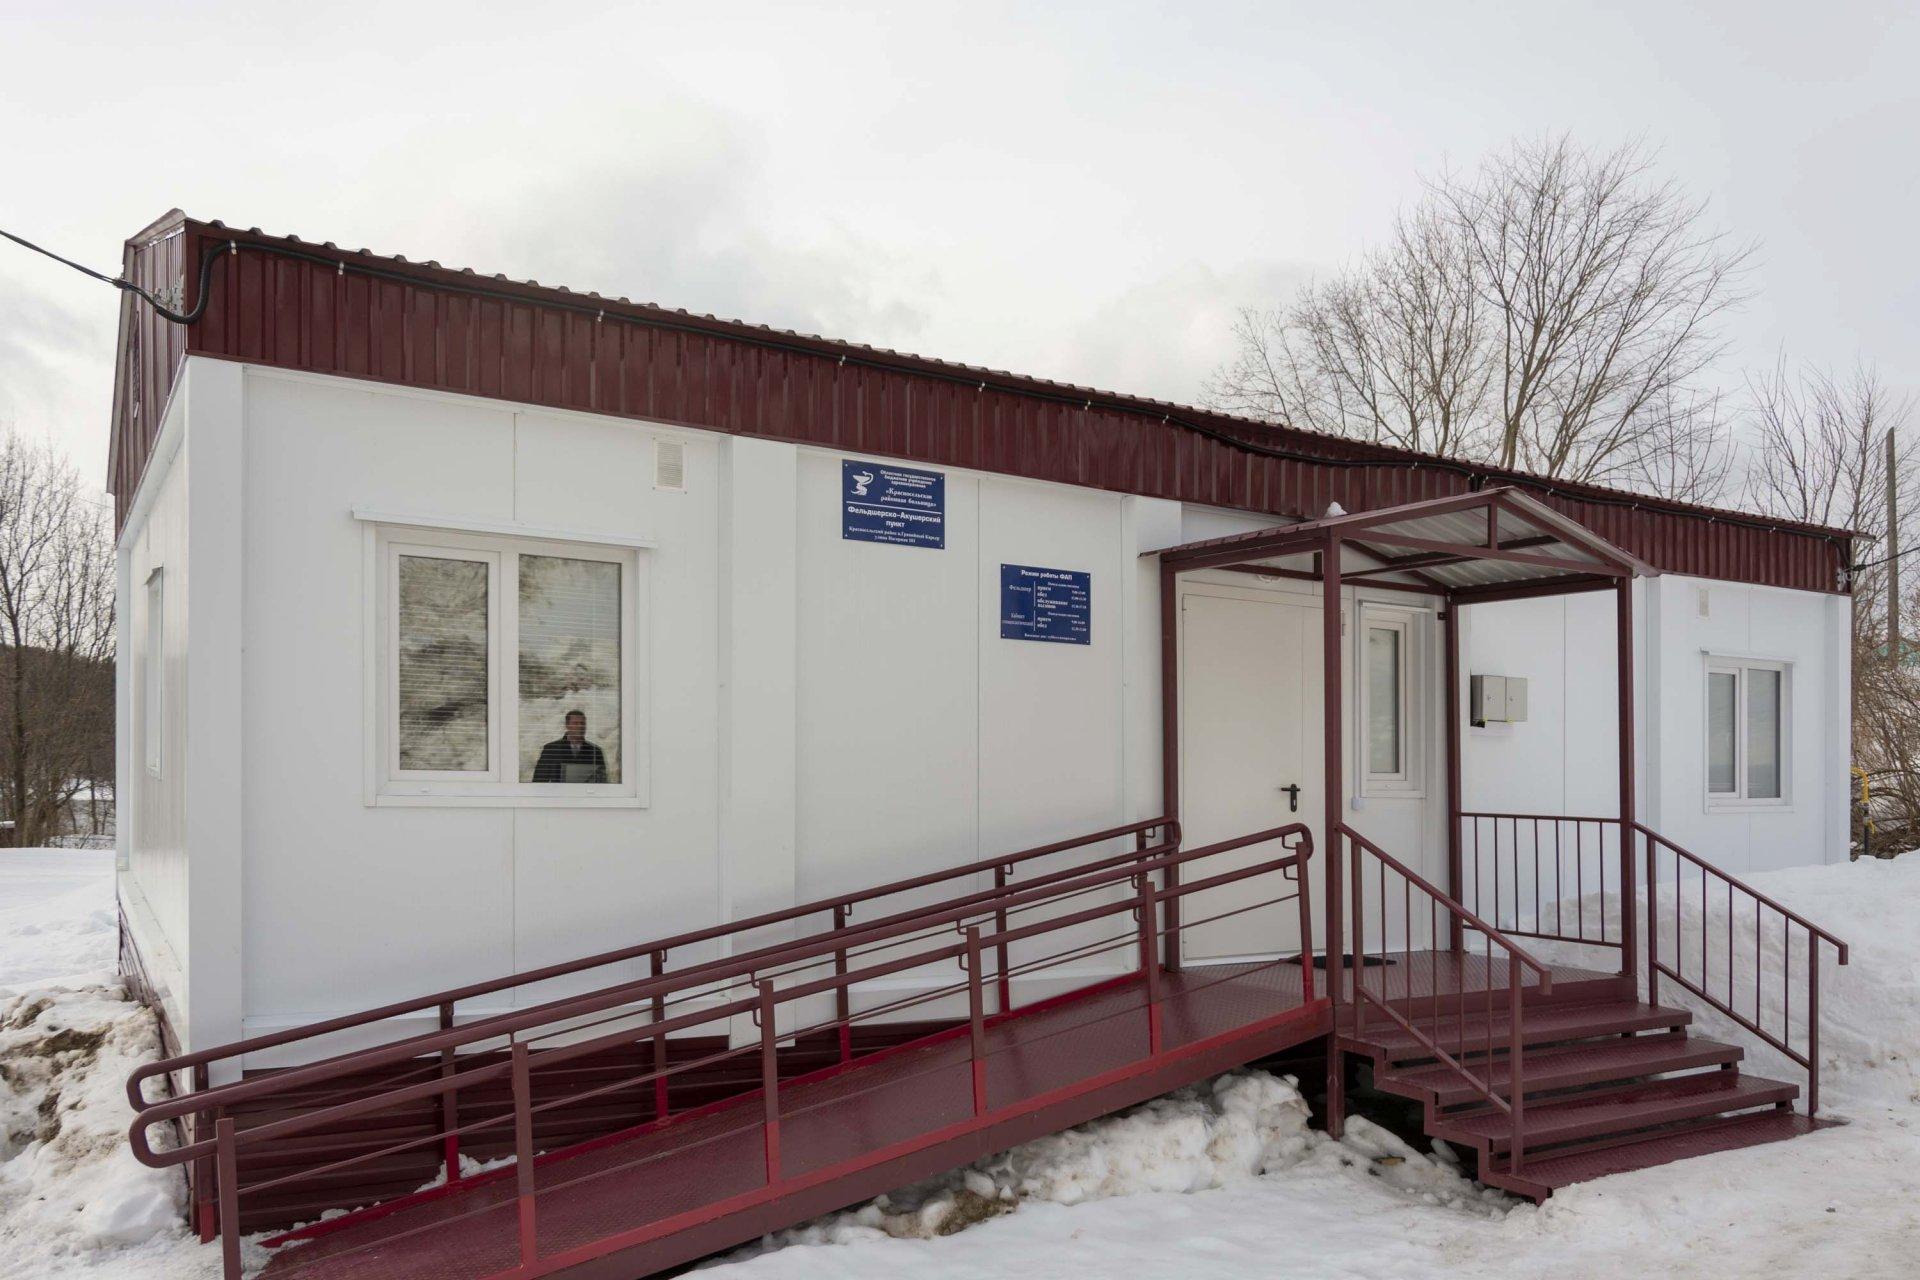 14 ФАПов и амбулаторий построят, ещё 22 медучреждения отремонтируют